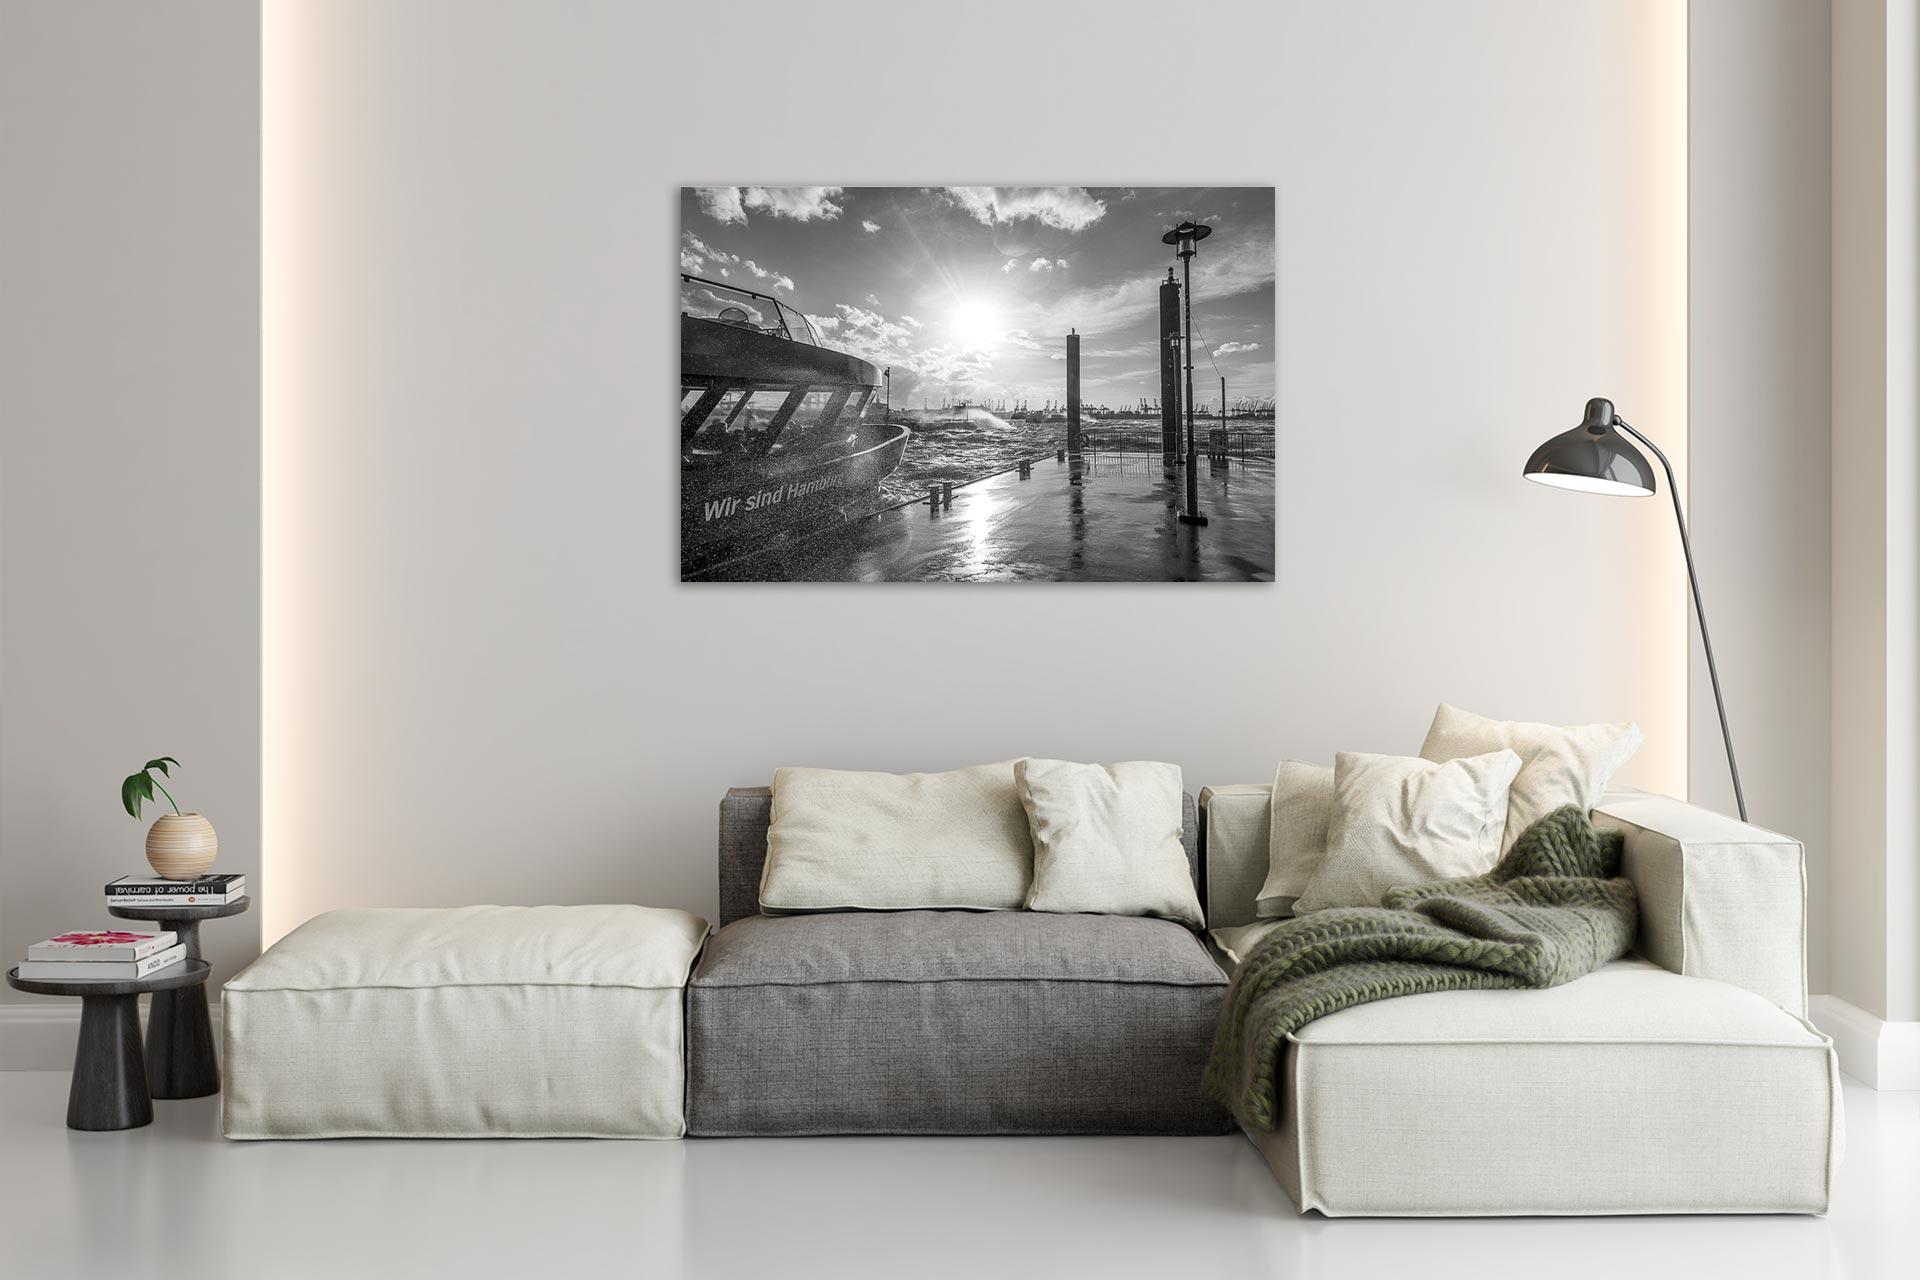 LSW092-wir-sind-hamburg-wandbild-auf-leinwand-acrylglas-aludibond-wohnzimmer